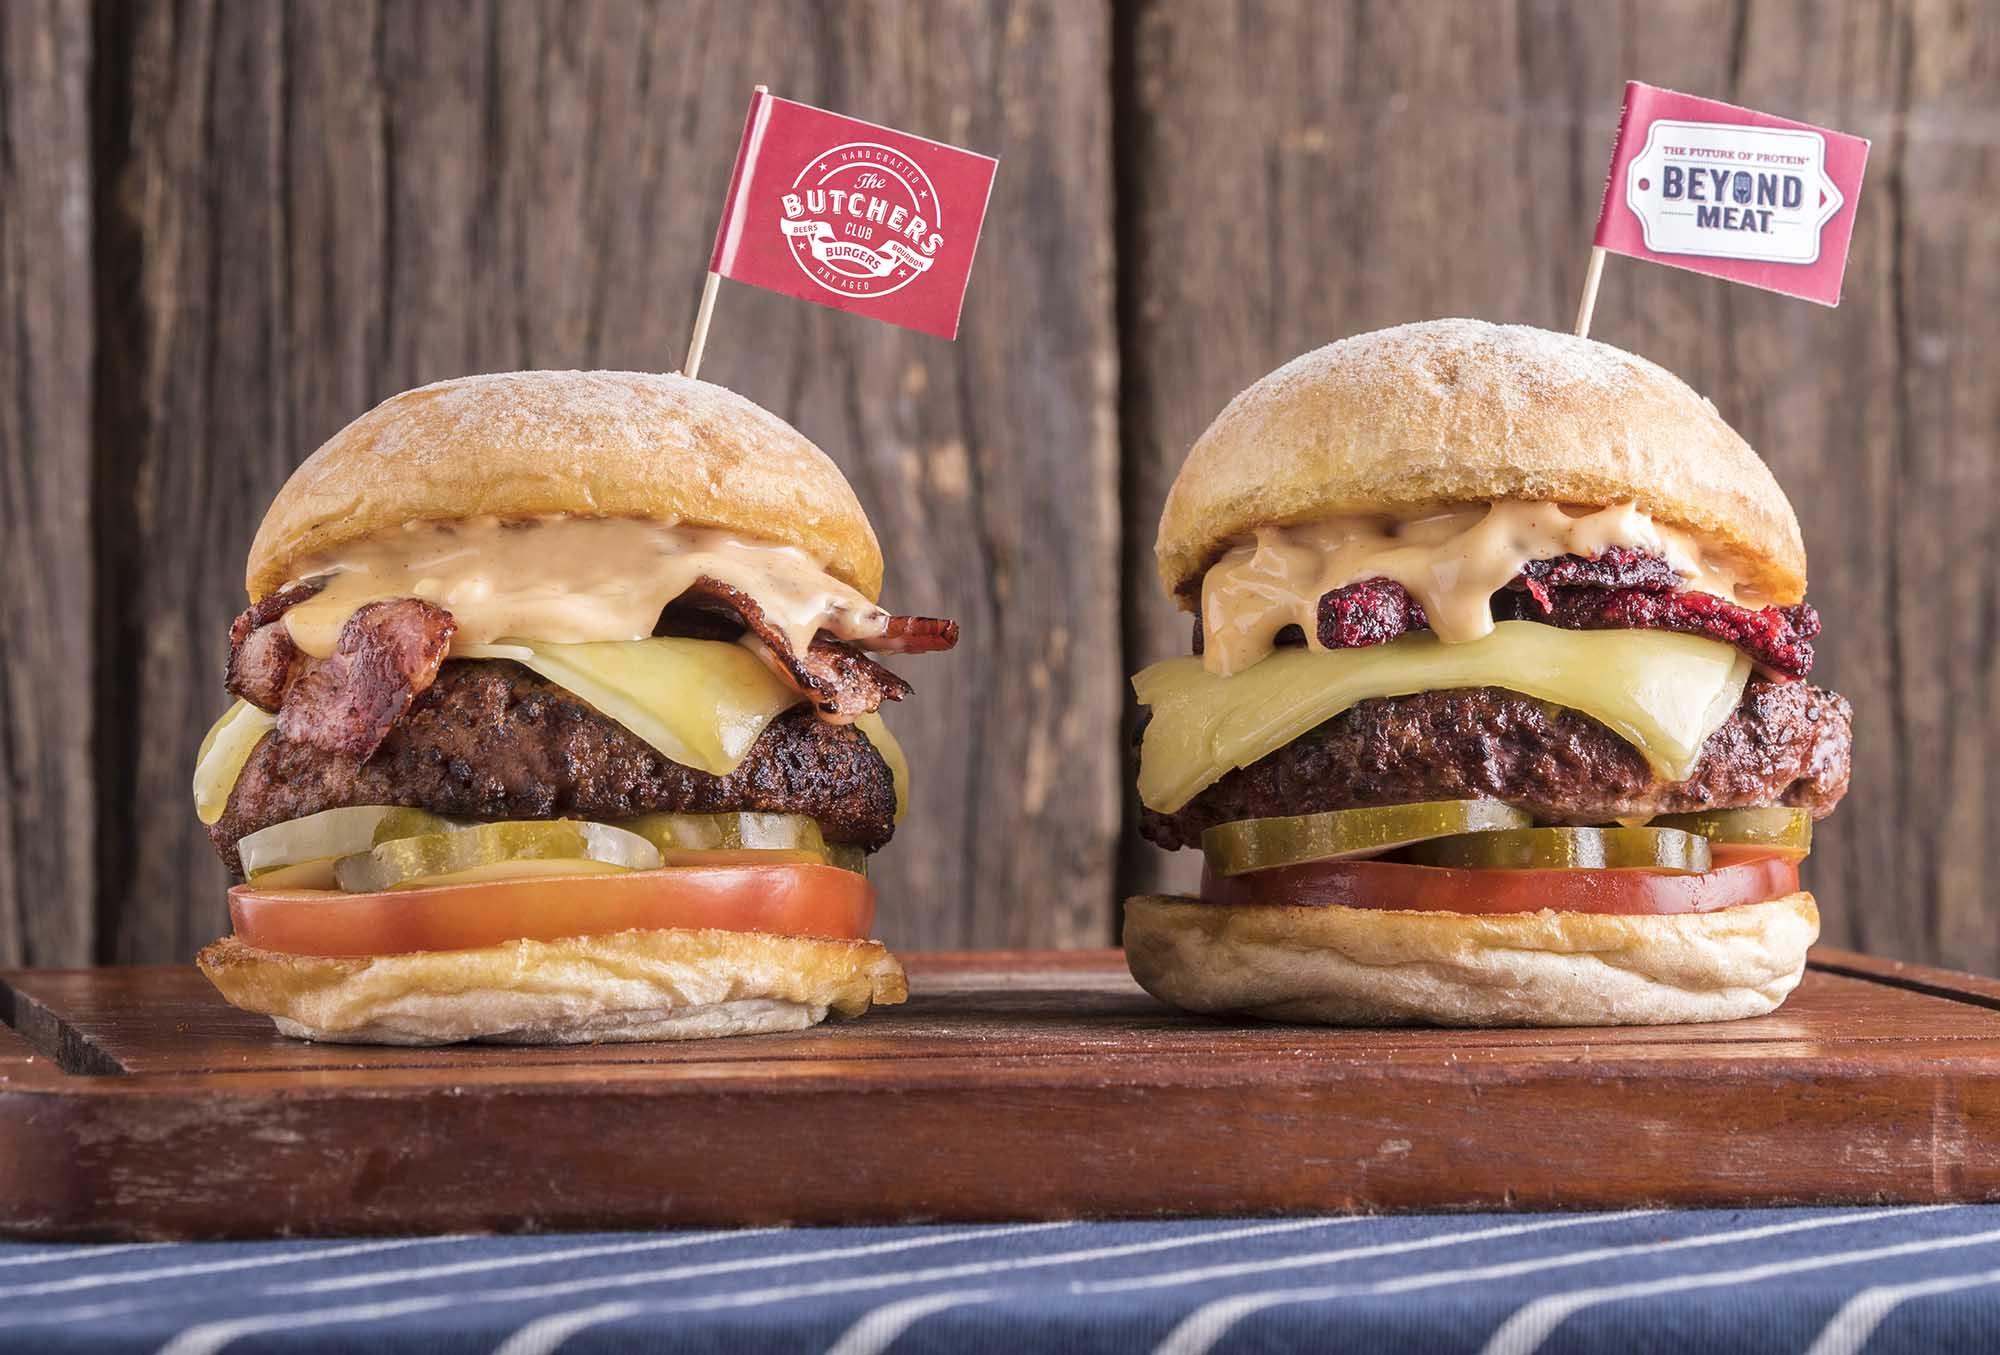 支持世界地球日 香港 The Butchers Club Burger 純素漢堡買一送一